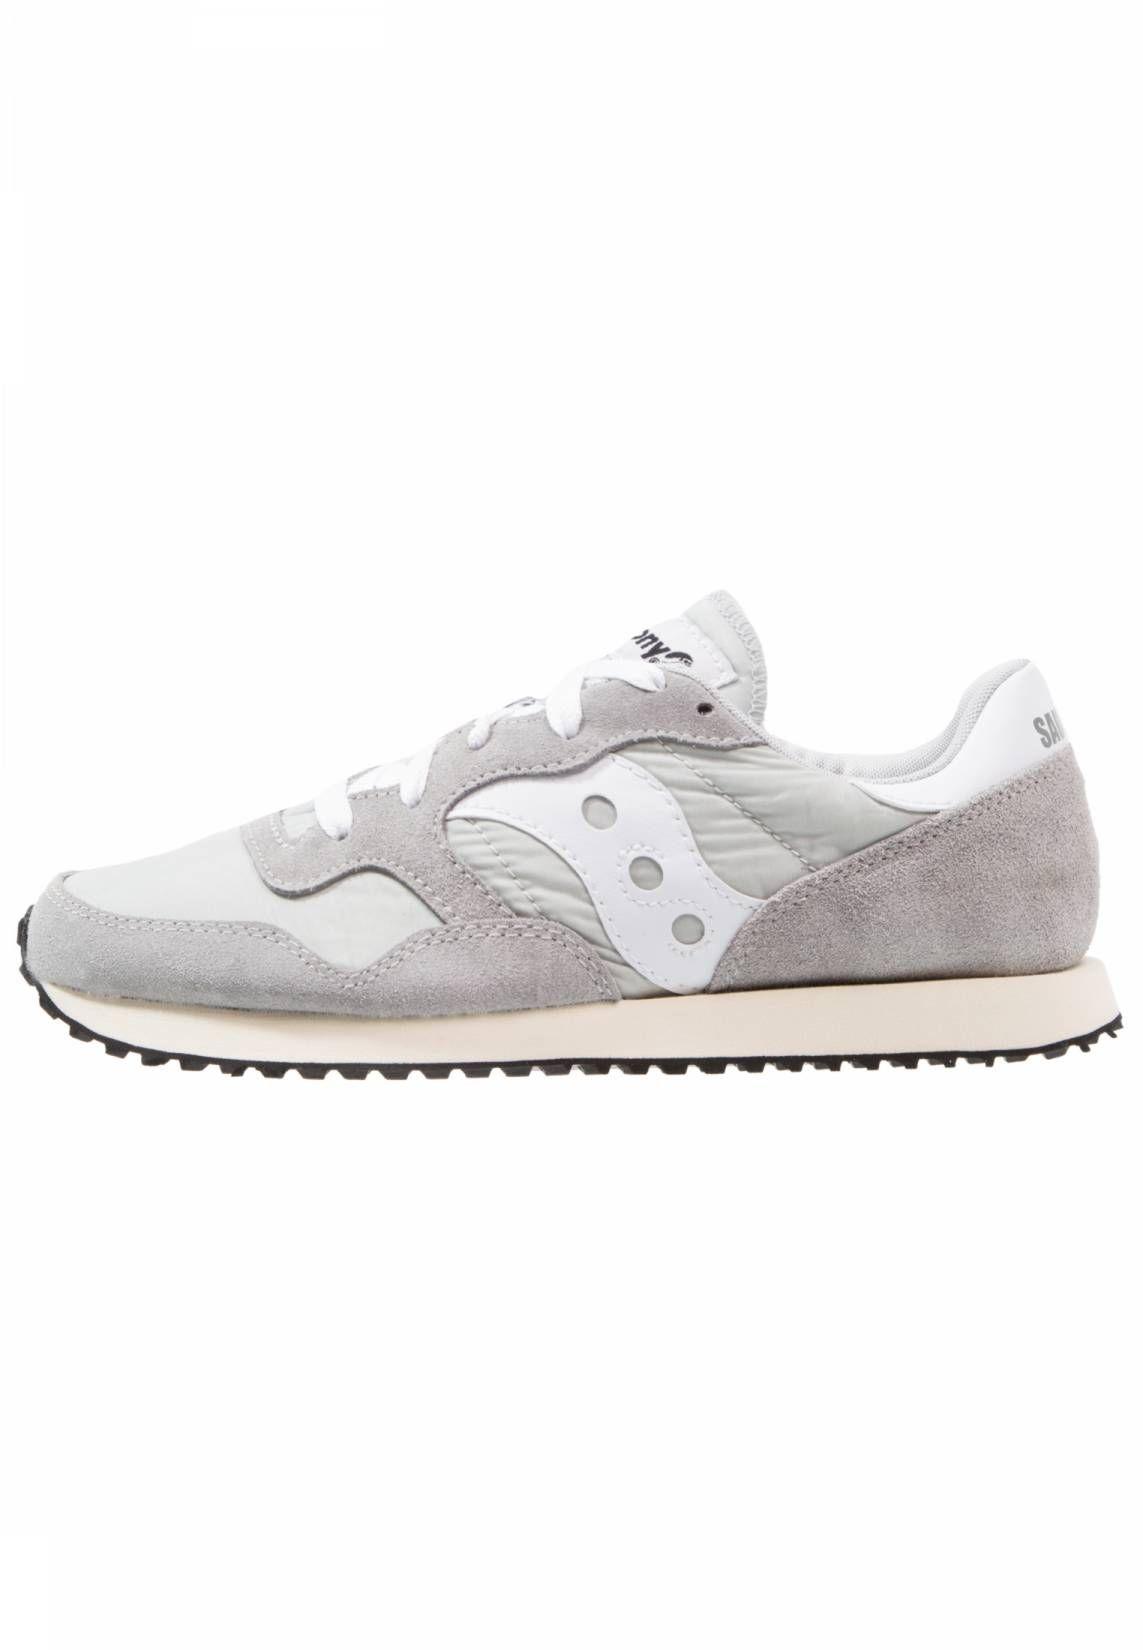 Saucony Chaussures De Sport À Faible Top Dxn Vintage - Blanc rUN5Oeq